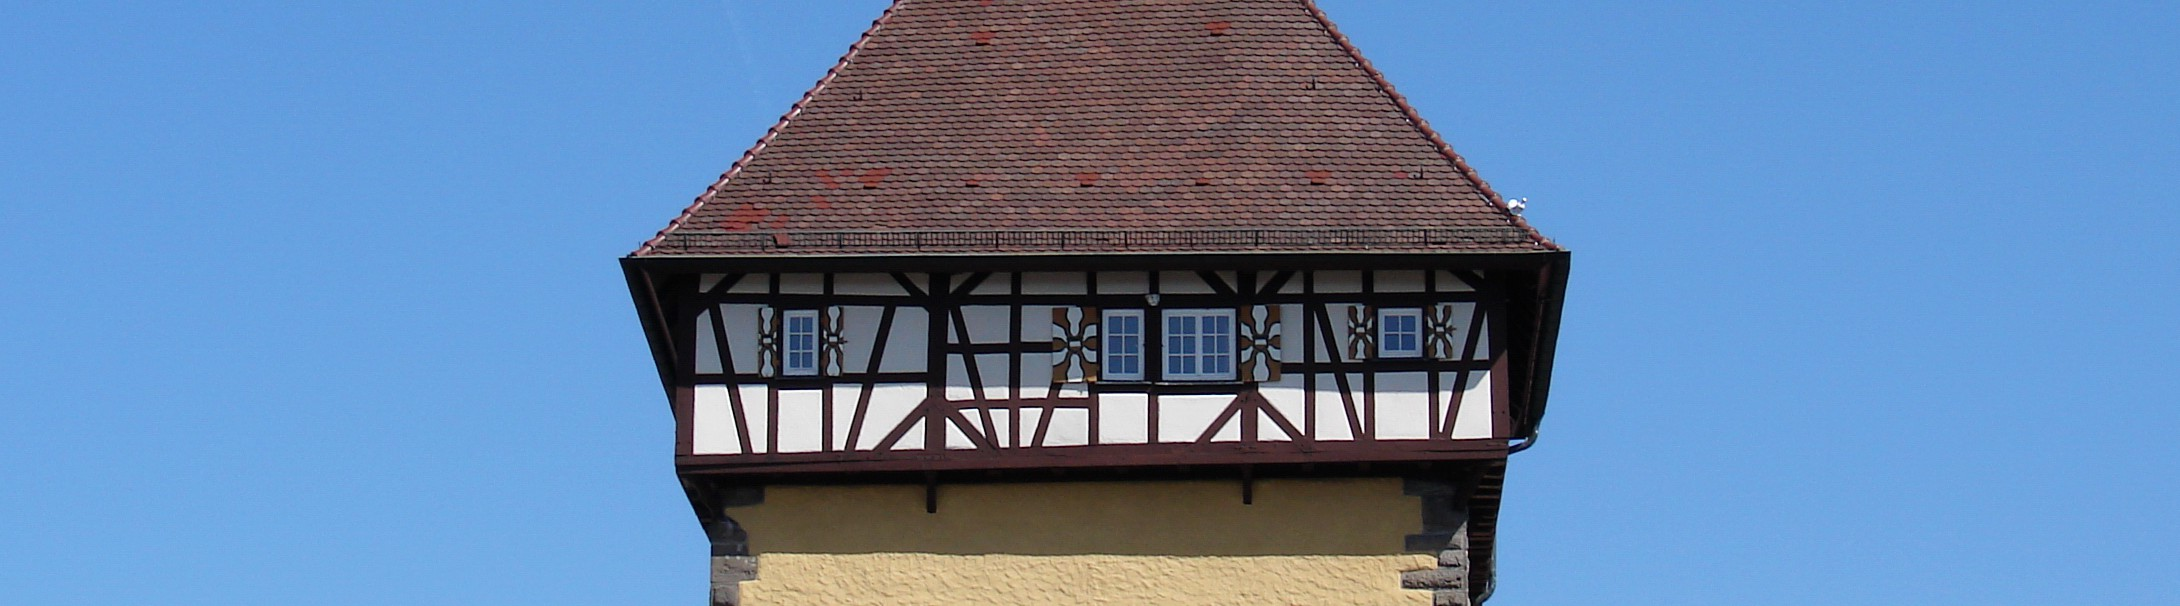 Reutlingen_Tübinger_Tor_02_2012-04-e1424787772245